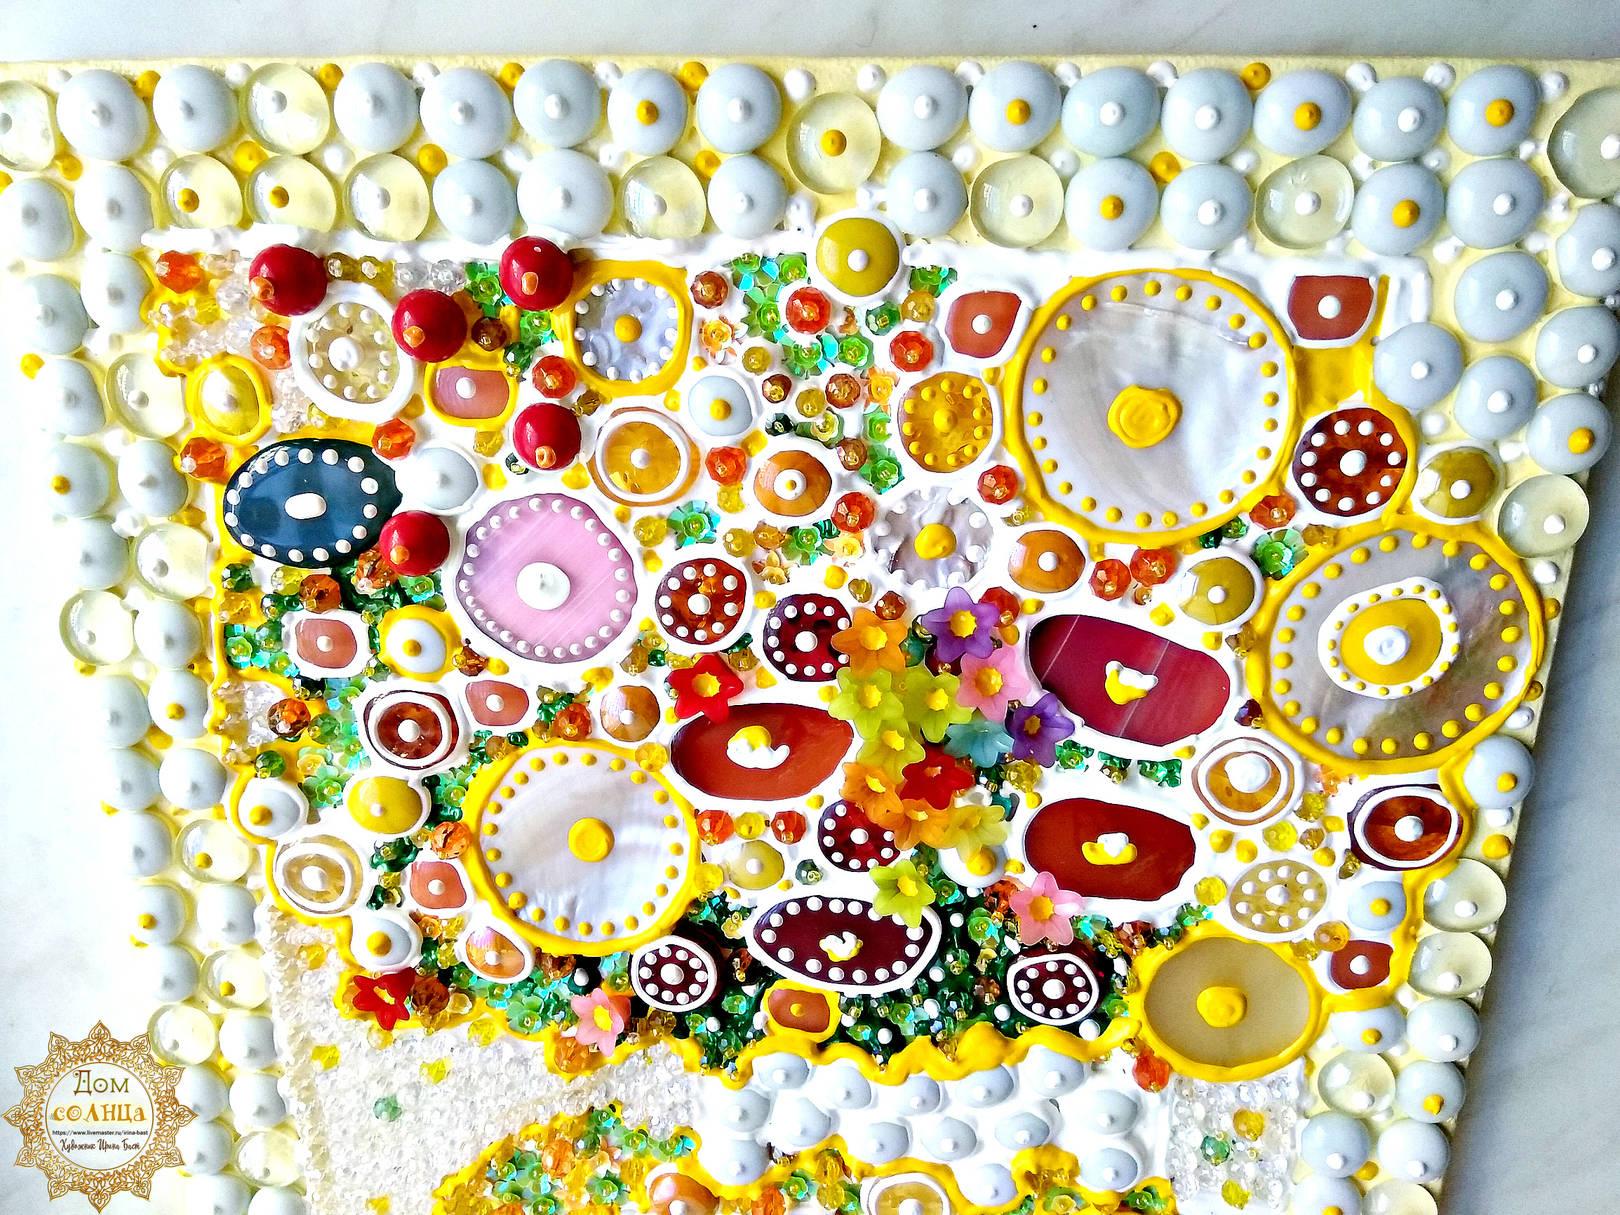 Яркая, летняя, позитивная картина Солнечное утро с желтыми цветами и фруктами. Полудрагоценные камни, стекло. Детали